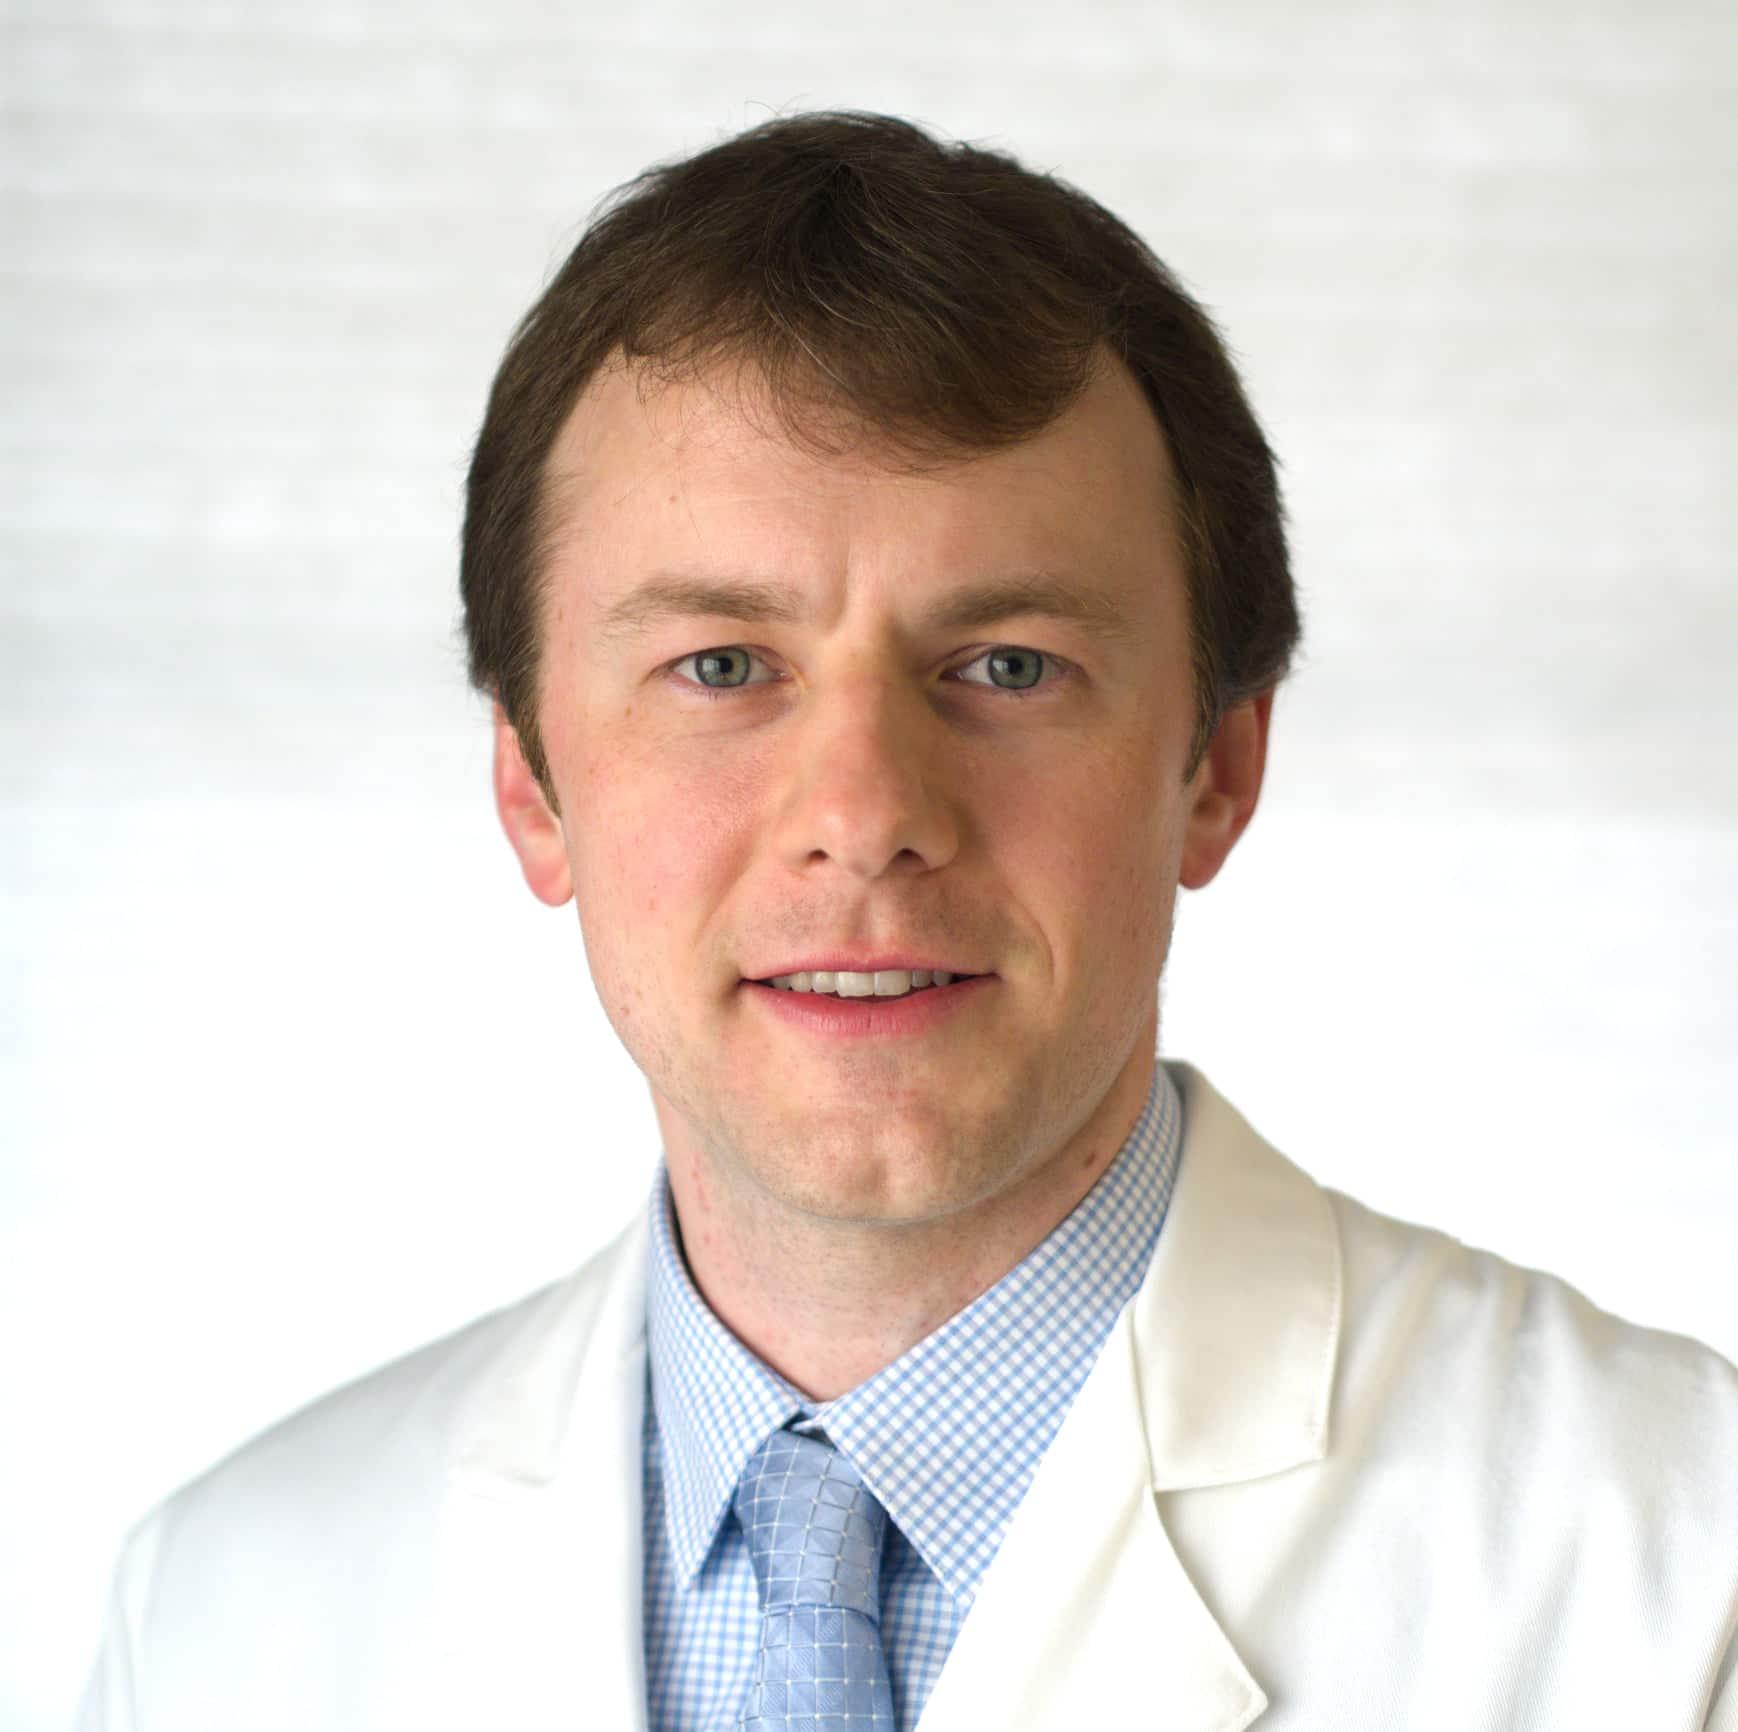 Dr. Zachary Marshall